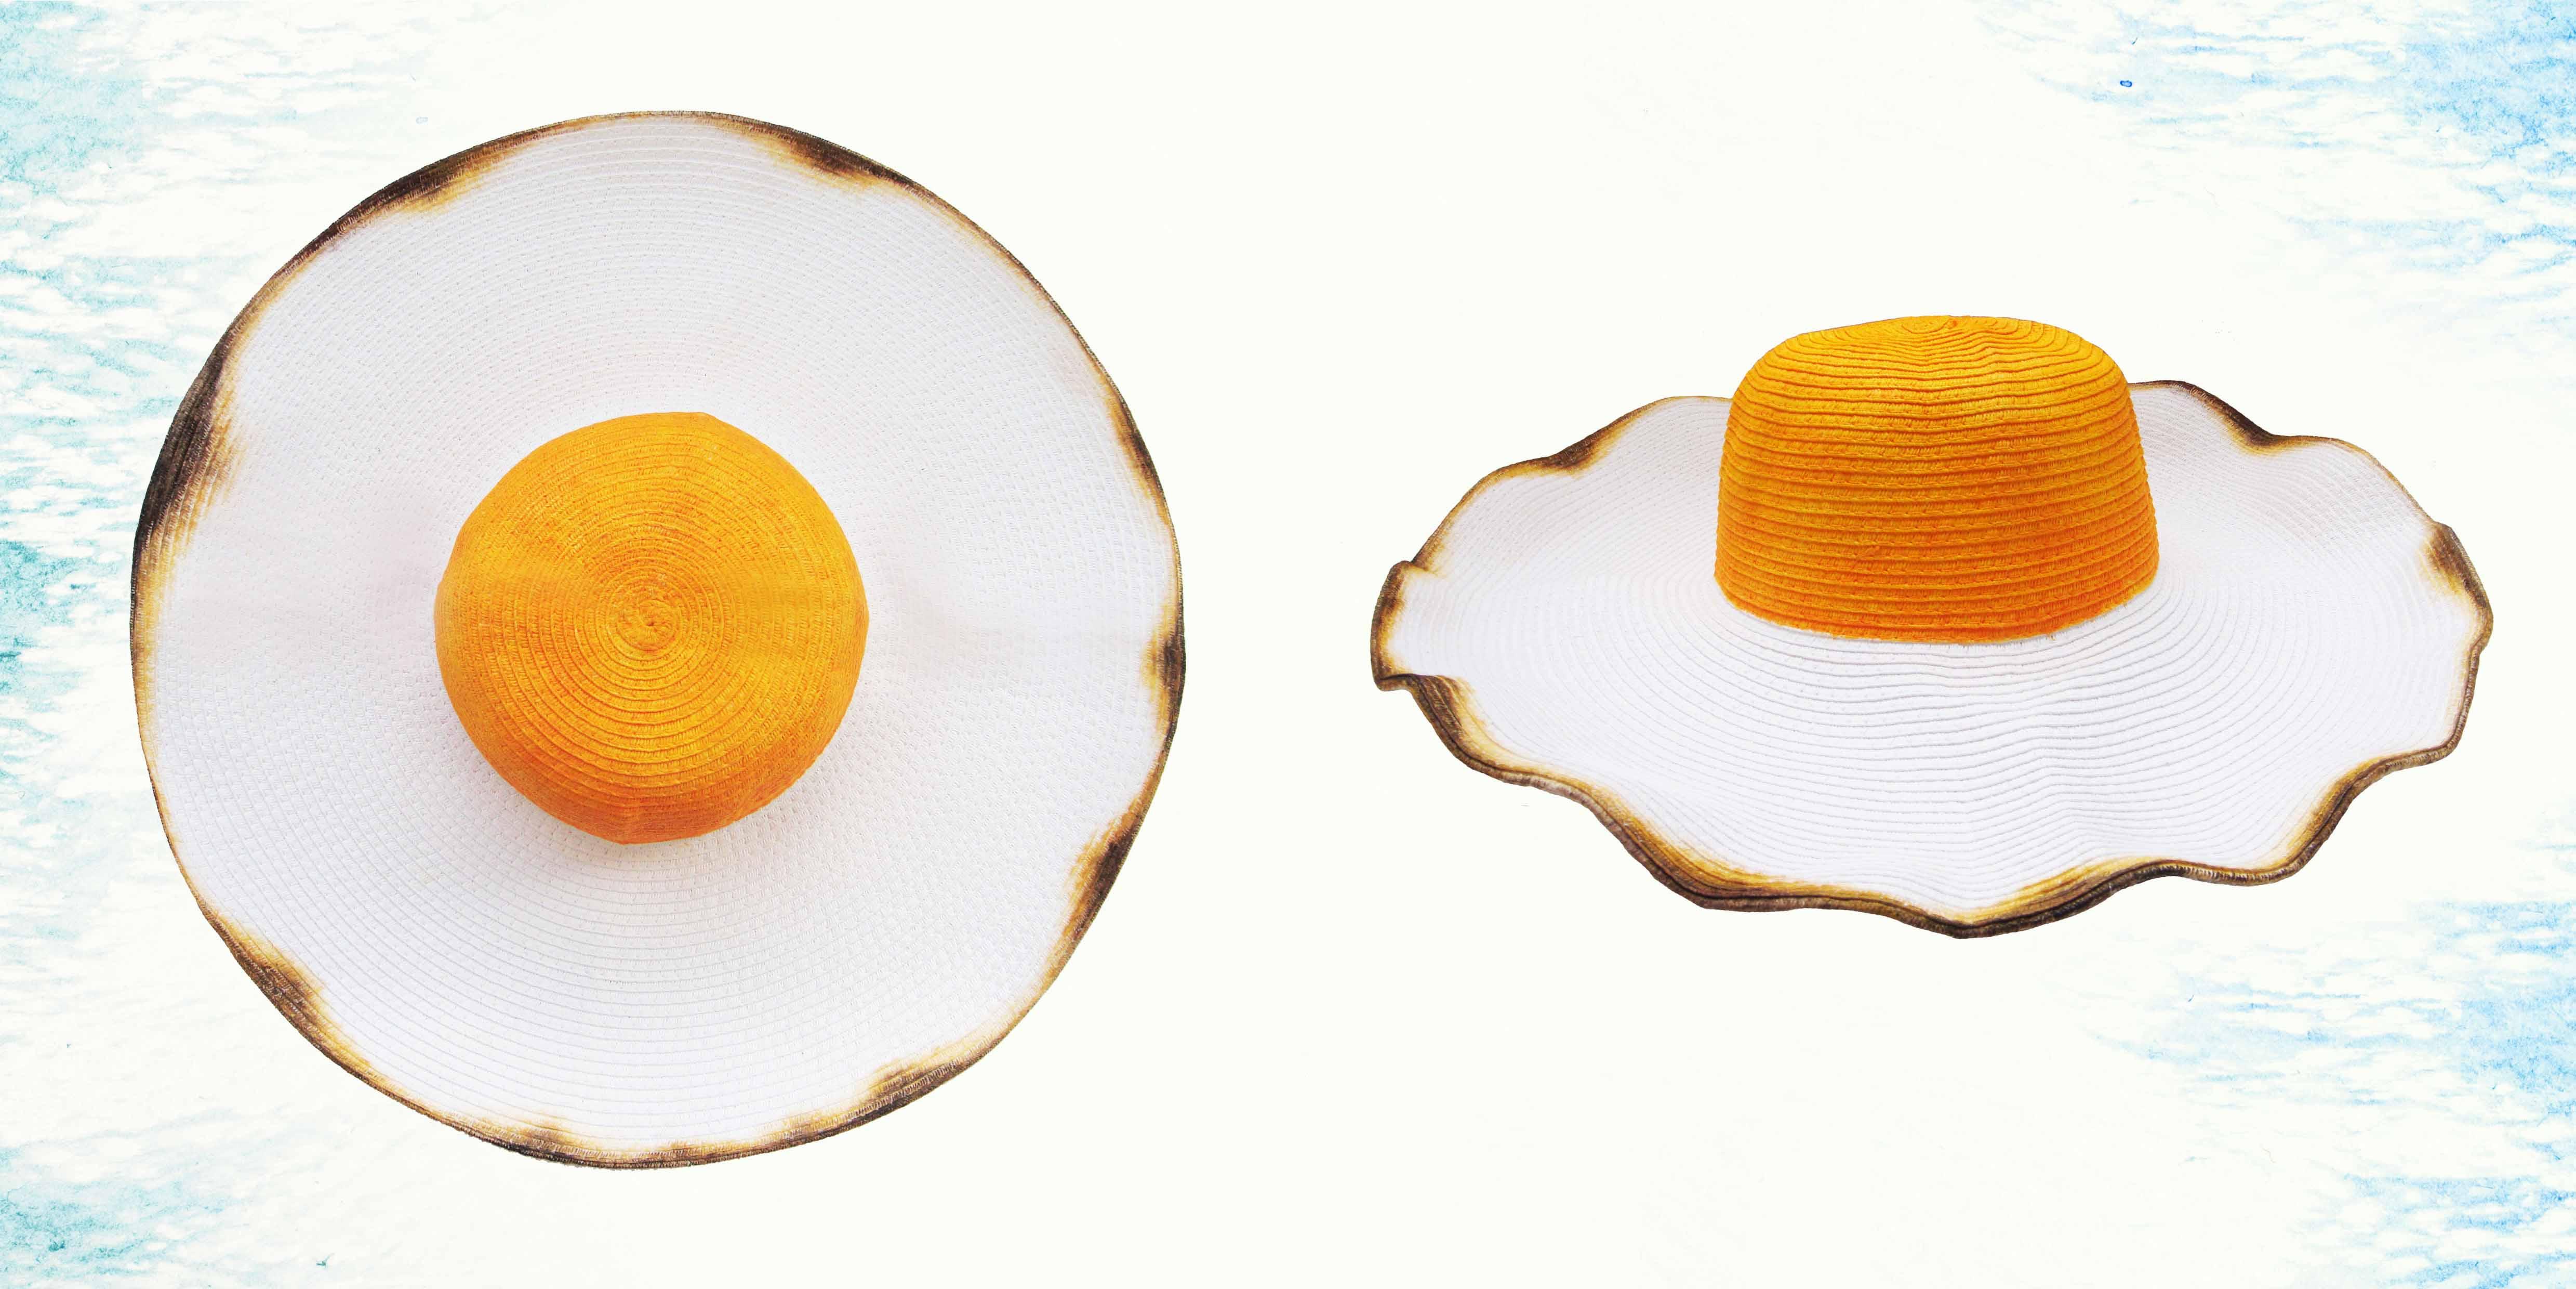 Jual Sunny Side Up Egg Summer Hat | Toko Philotopi | ukmmarket